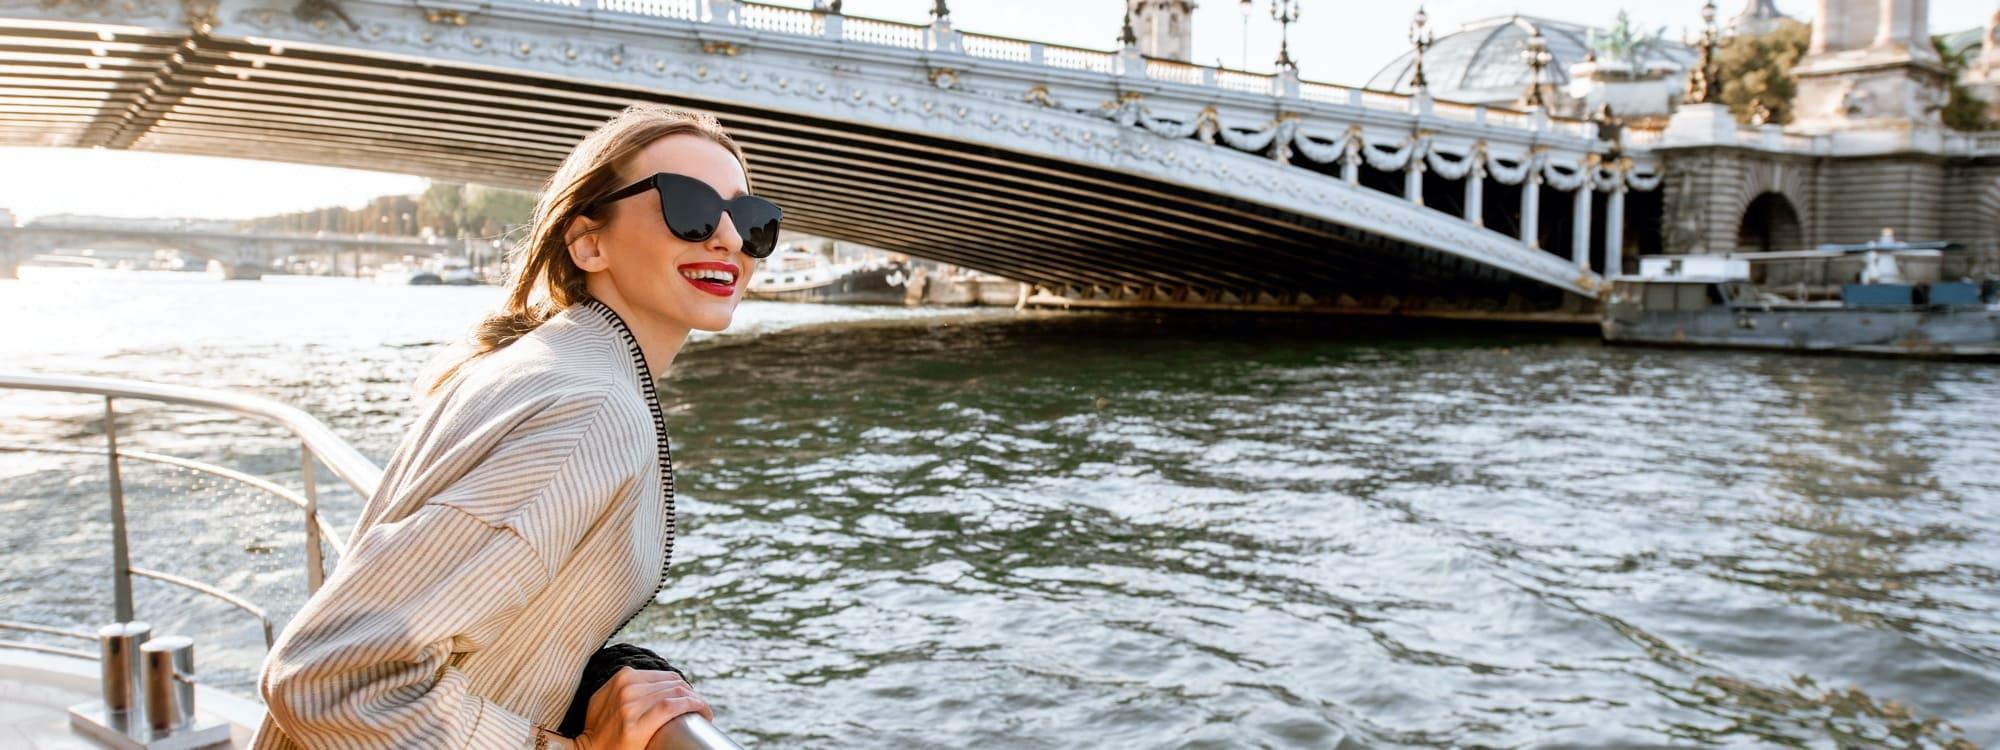 Begeisterte Dame auf Flusskreuzfahrt